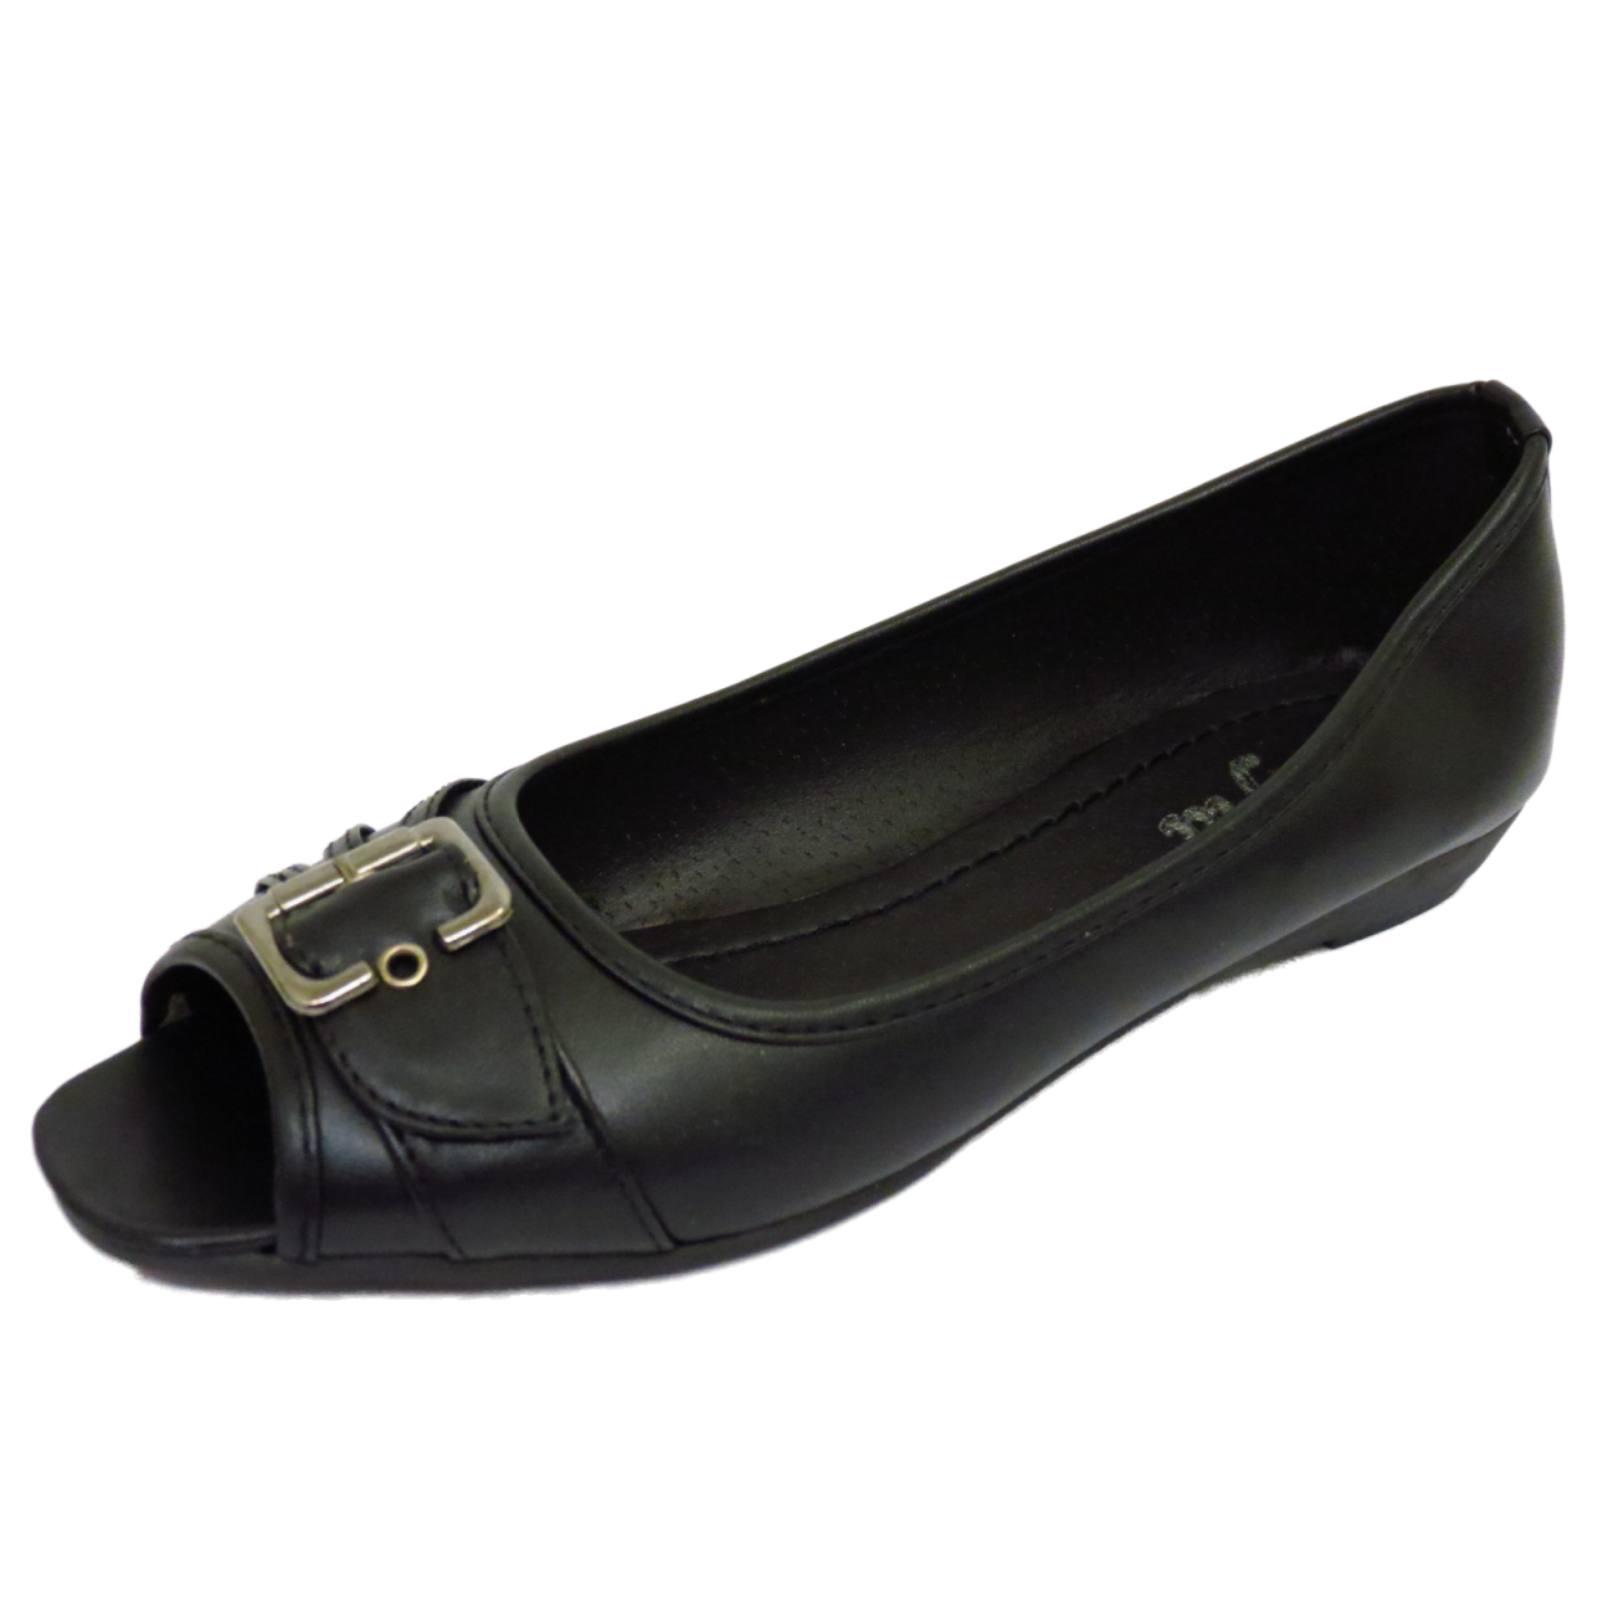 Negro De Mujer Sin Cordones Bombas De Ballet trabajo cómoda Puntera Abierta Tacón Bajo Zapatos Tallas 3-8